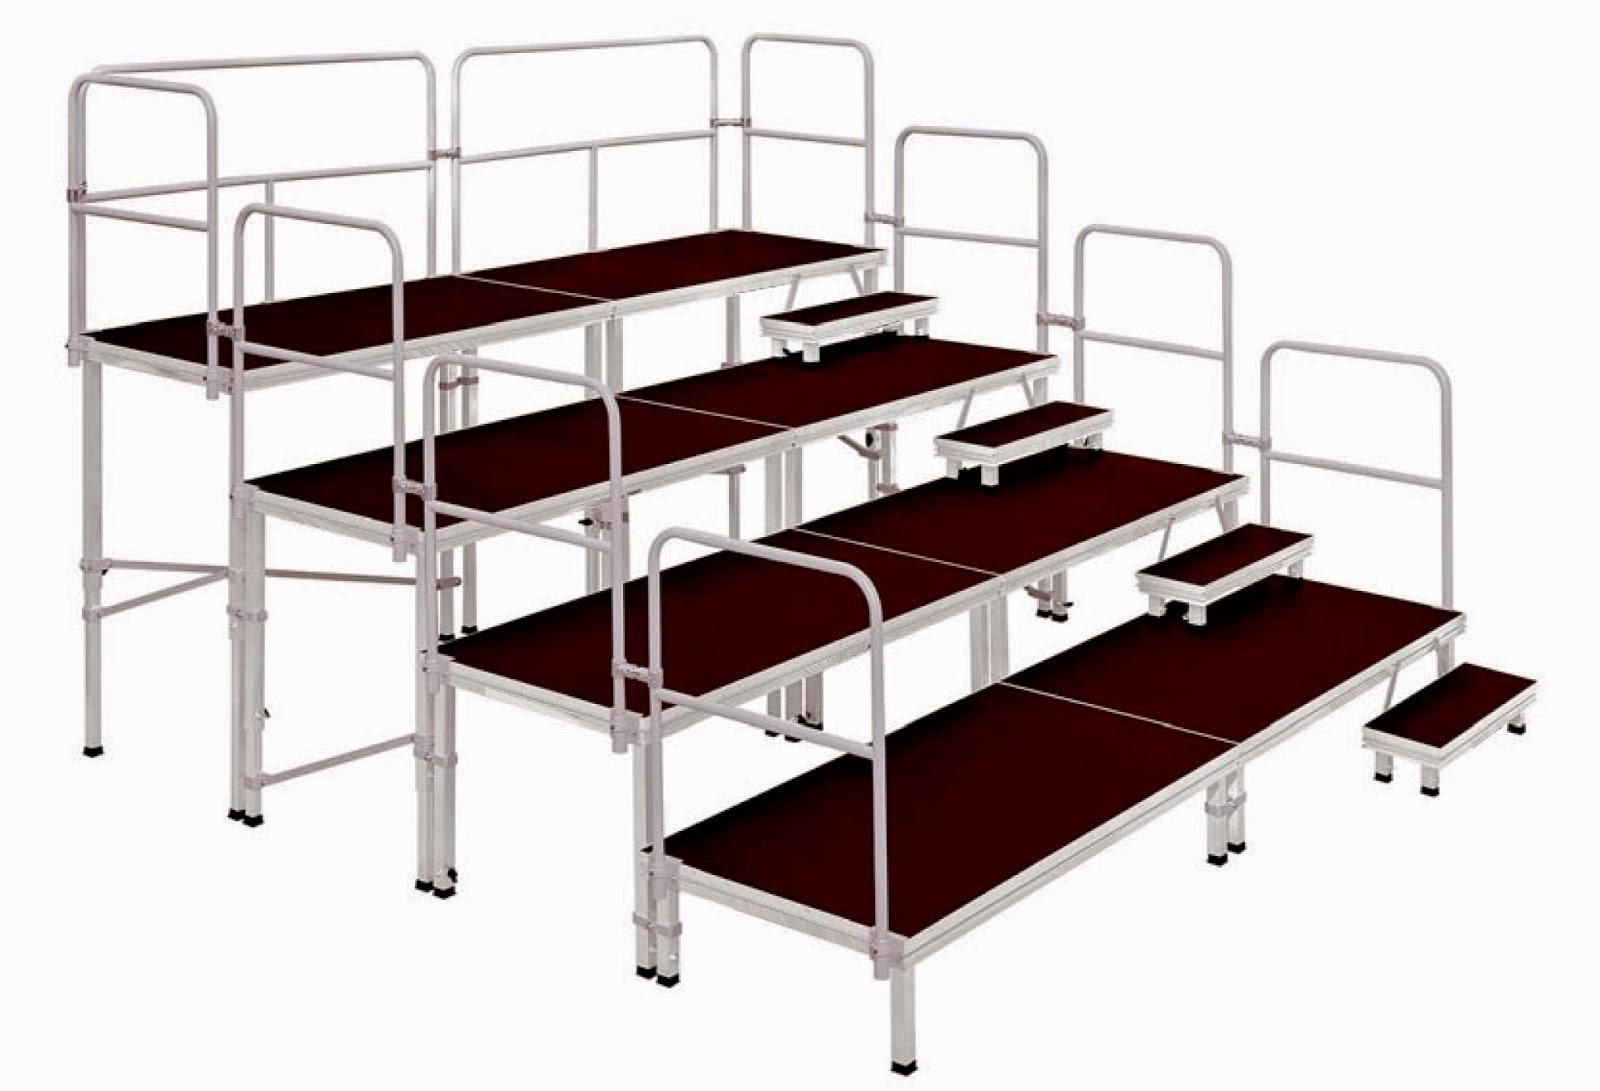 Siluj gradas modulares for Gradas para exteriores